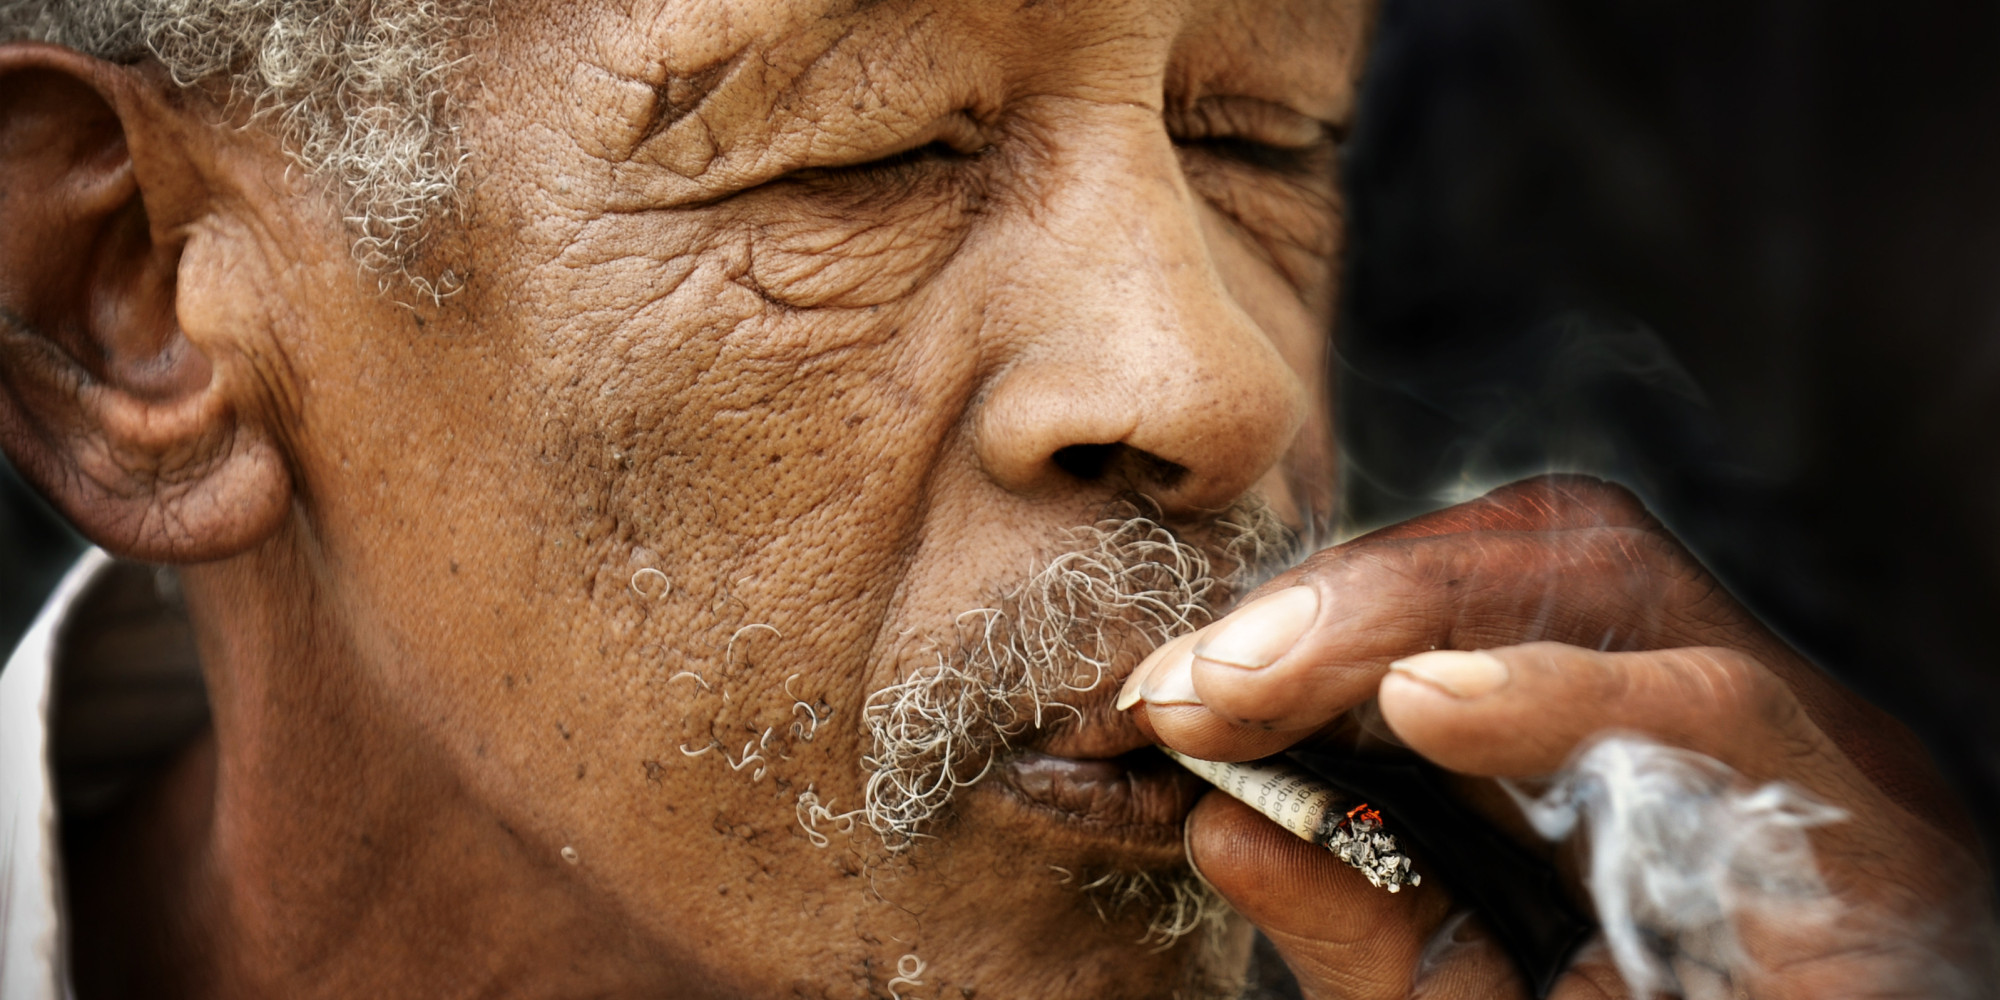 Resultado de imagem para hobo smoking pot